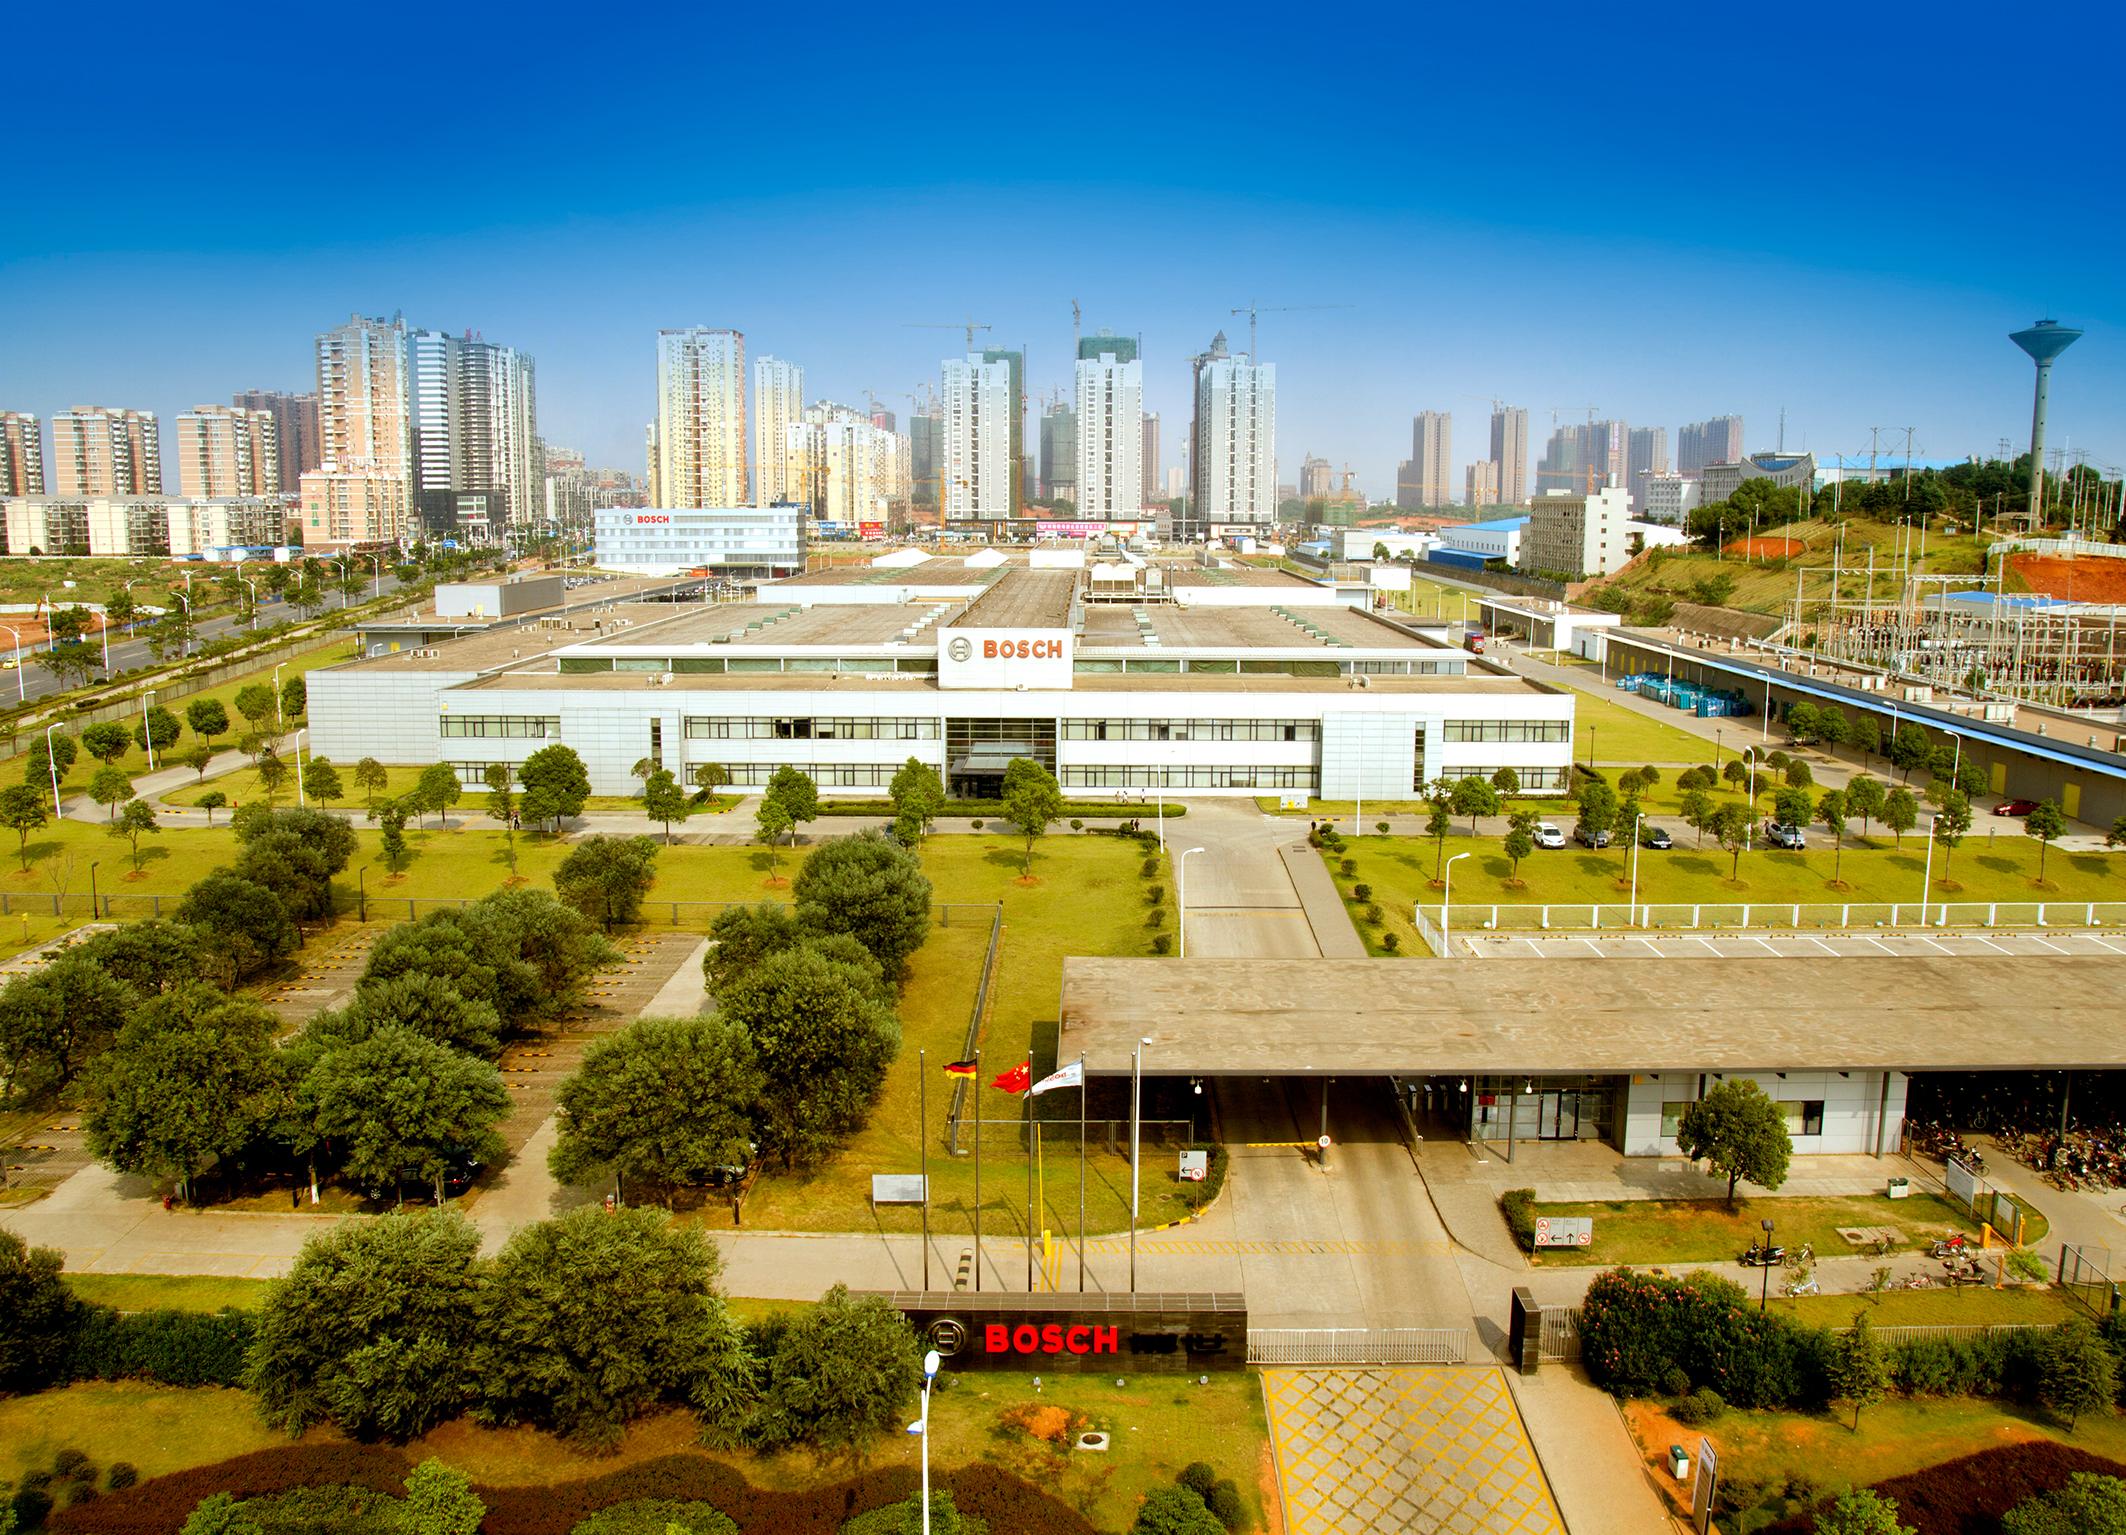 Bosch-Werk in Changsha, China